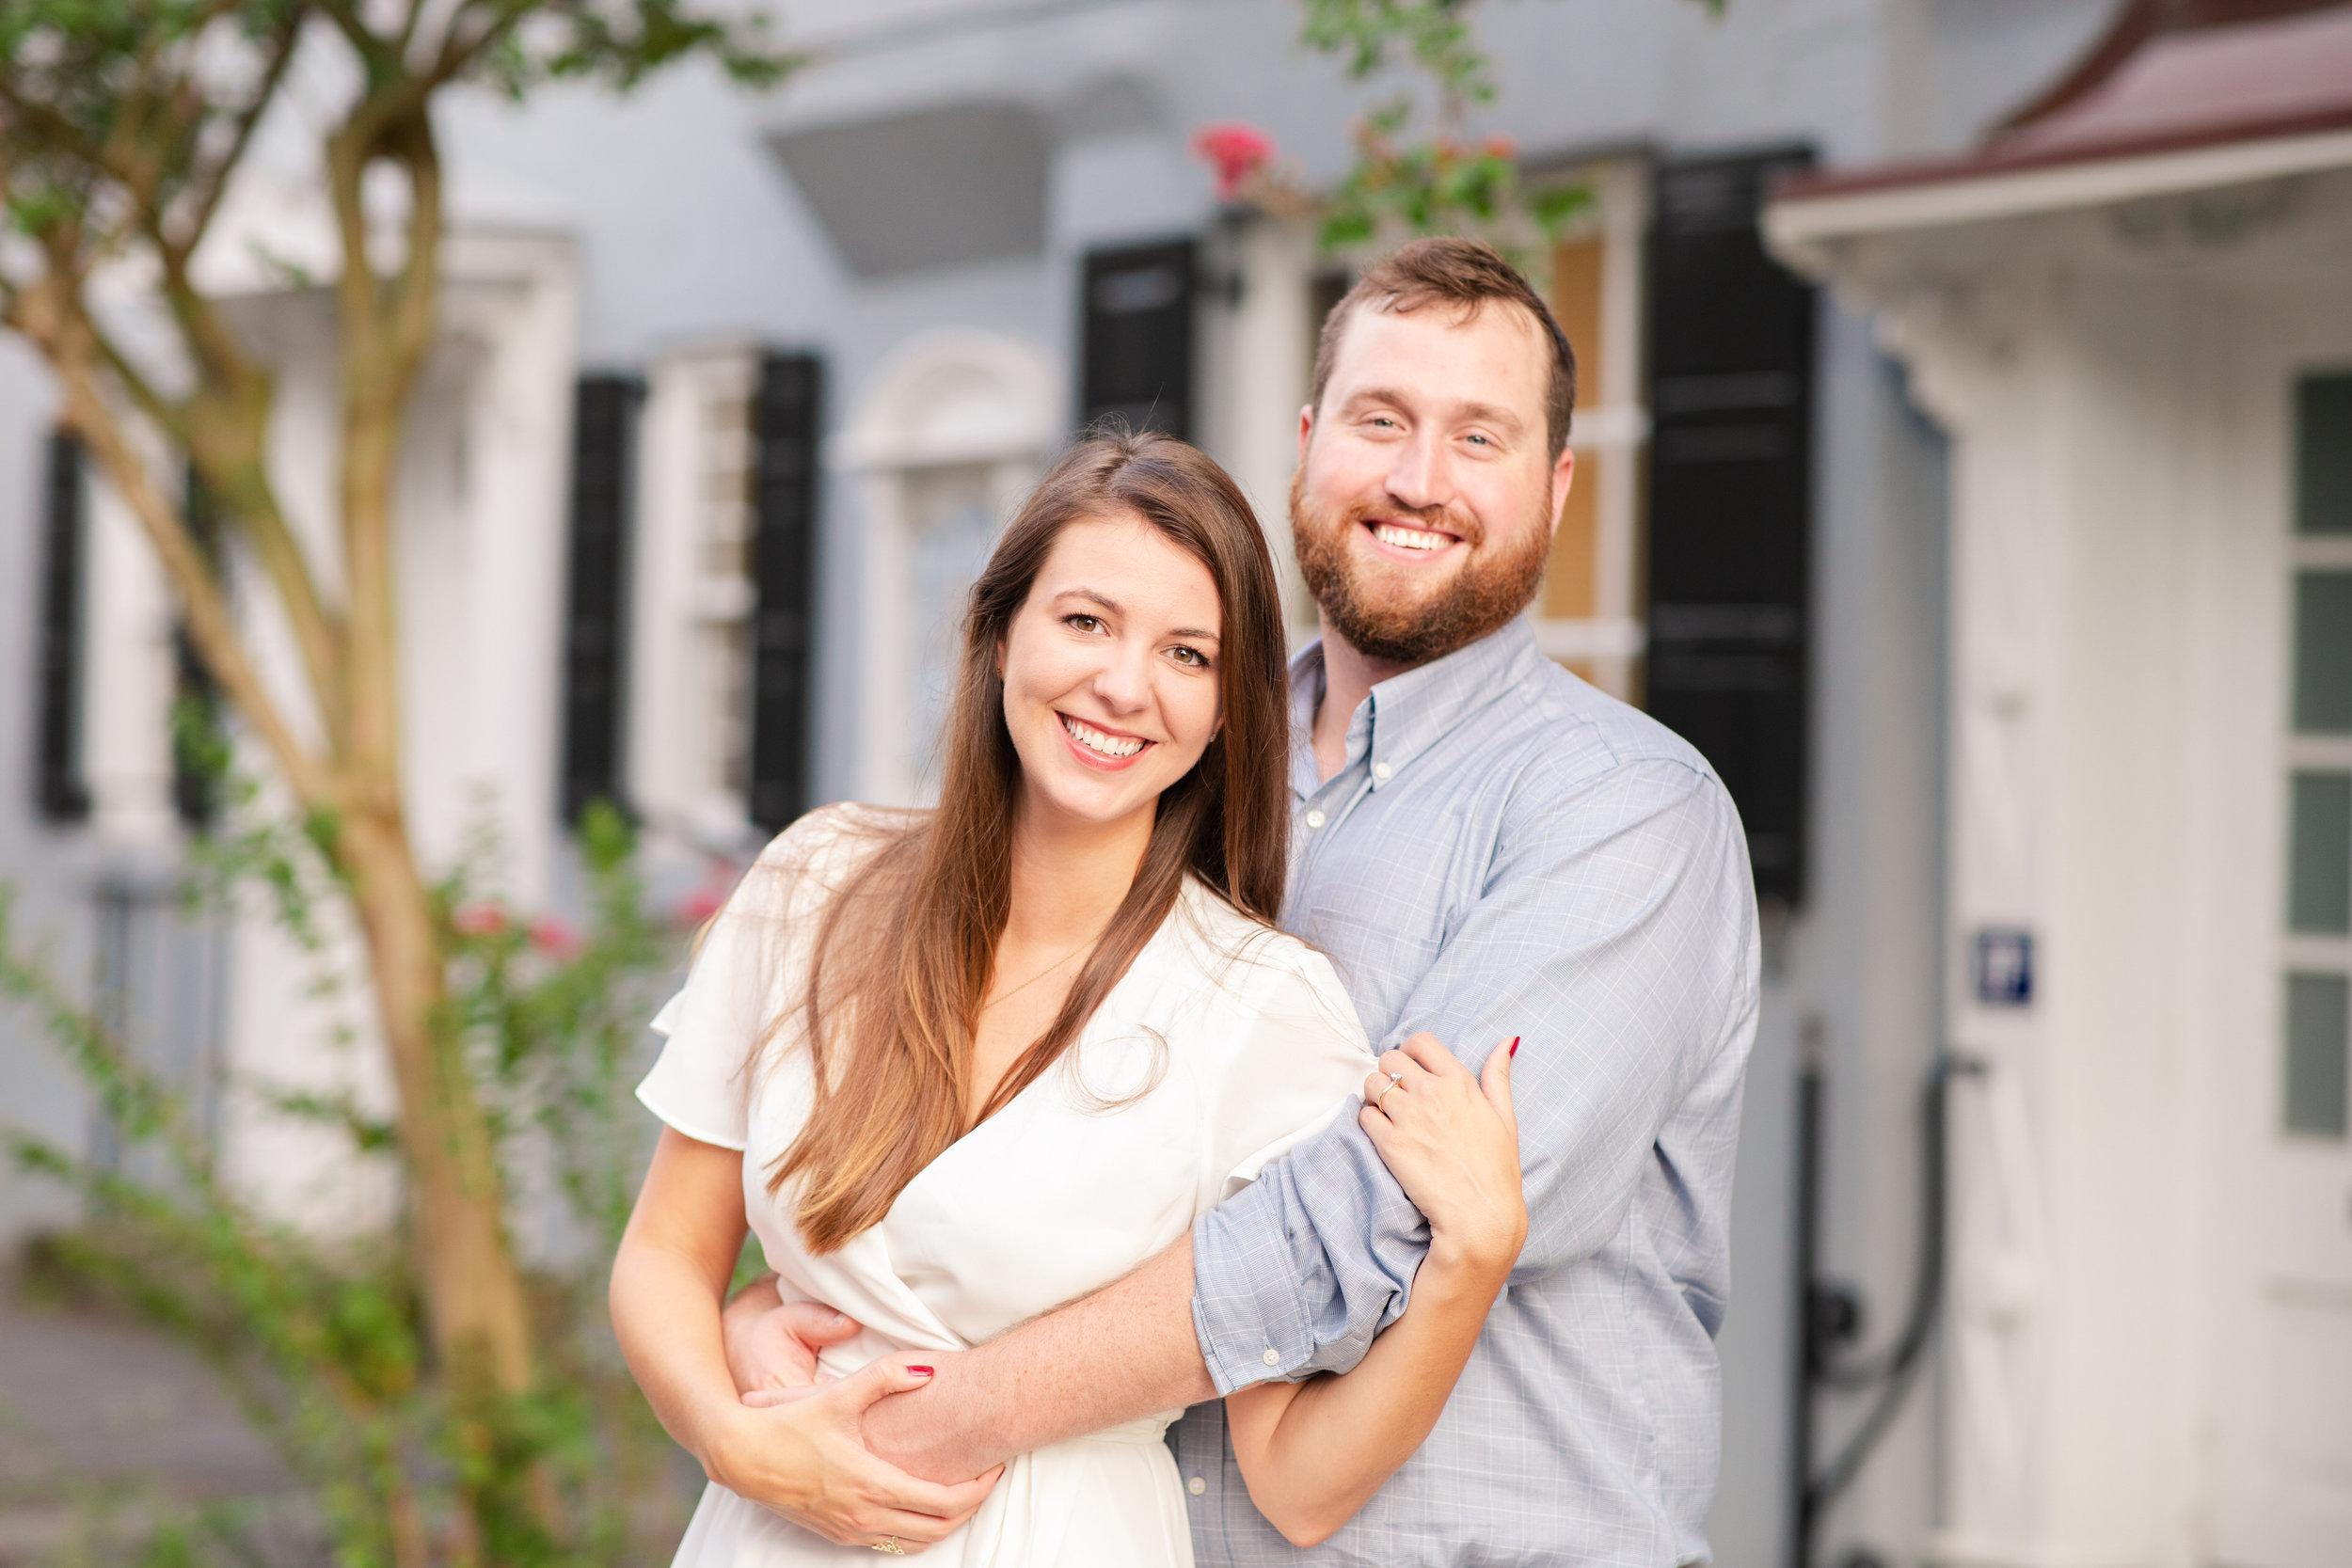 Charleston South Carolina Engagement Session Charleston Wedding Photographer Photo_3595.JPG